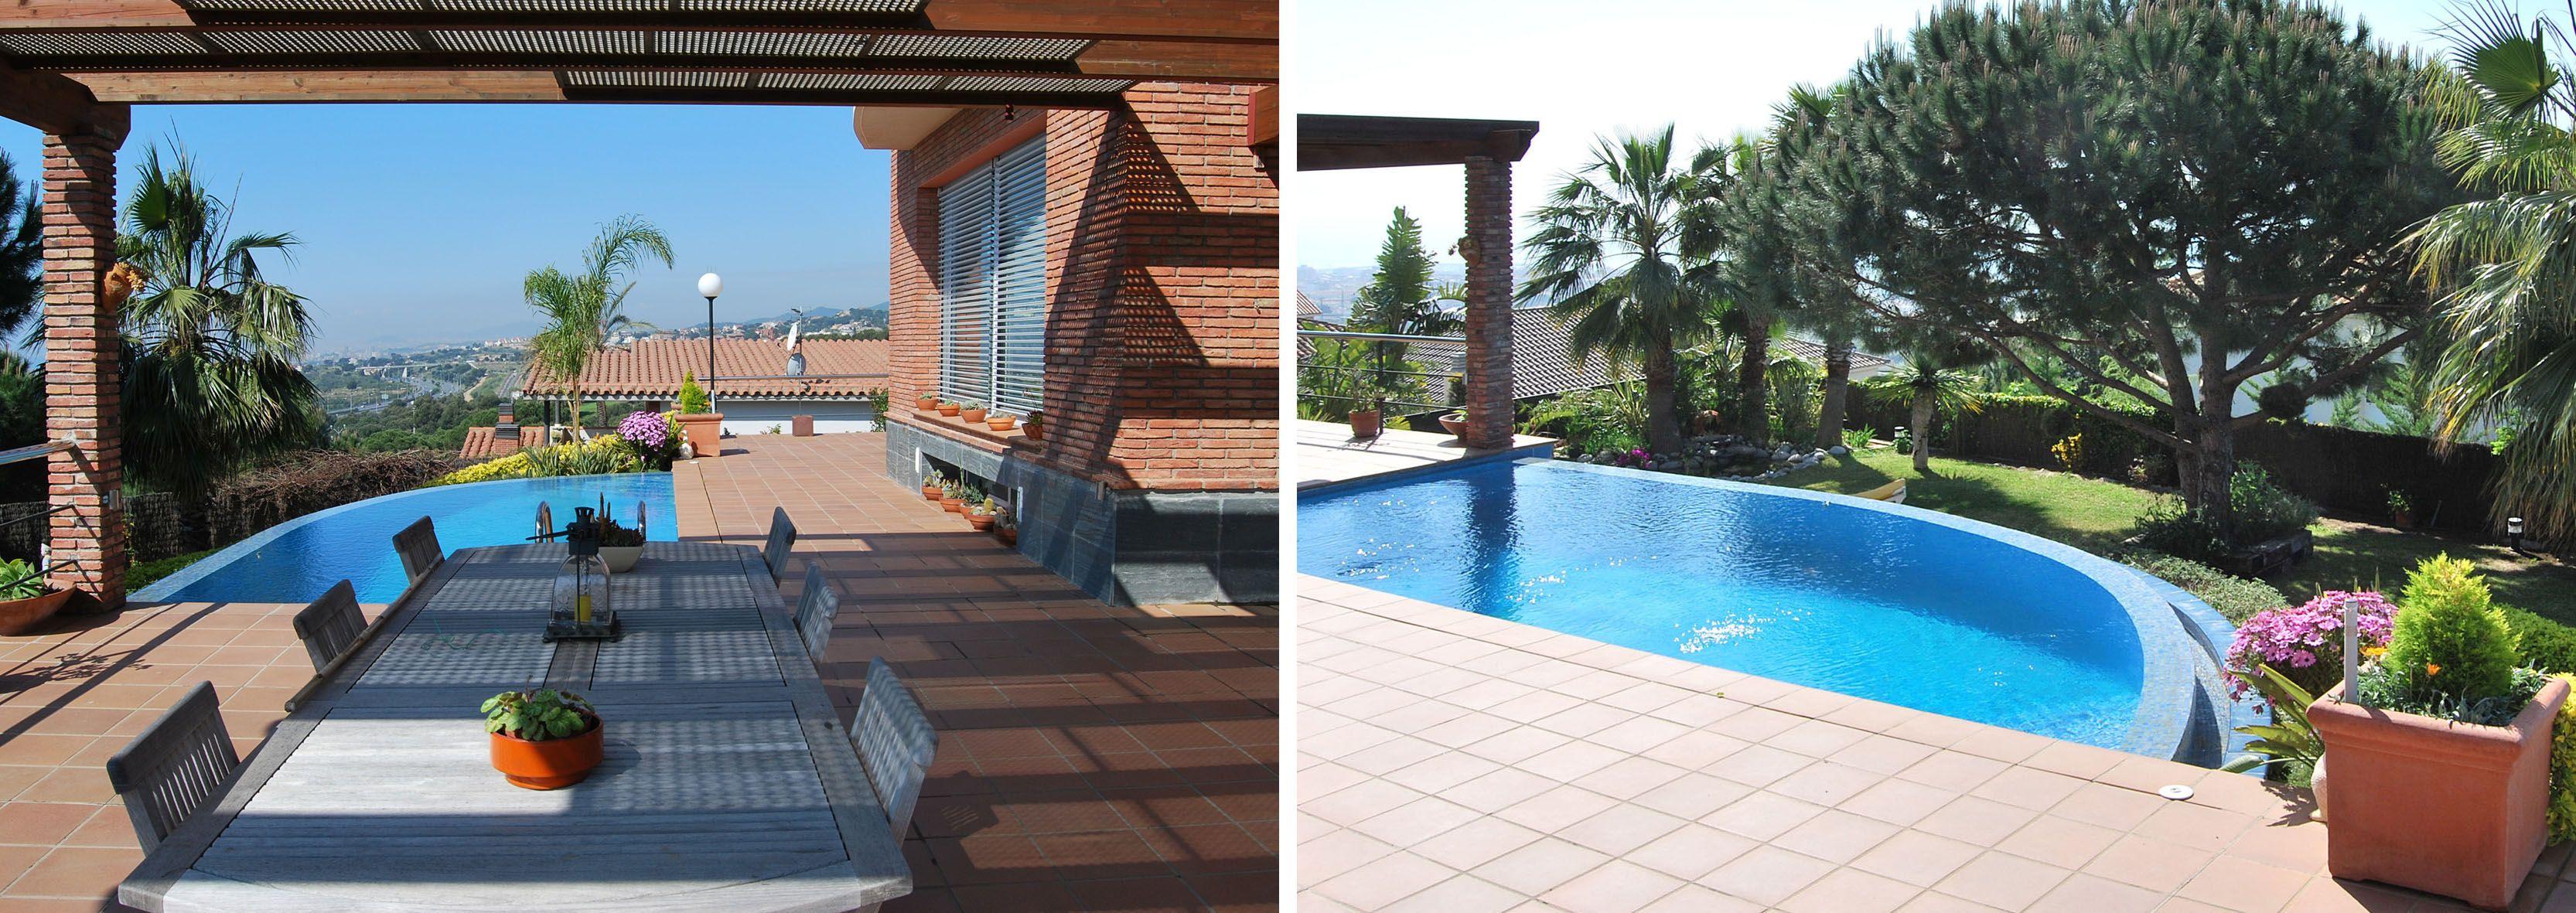 Paisajismo contemporaneo exterior jard n patio for Arboles de jardin